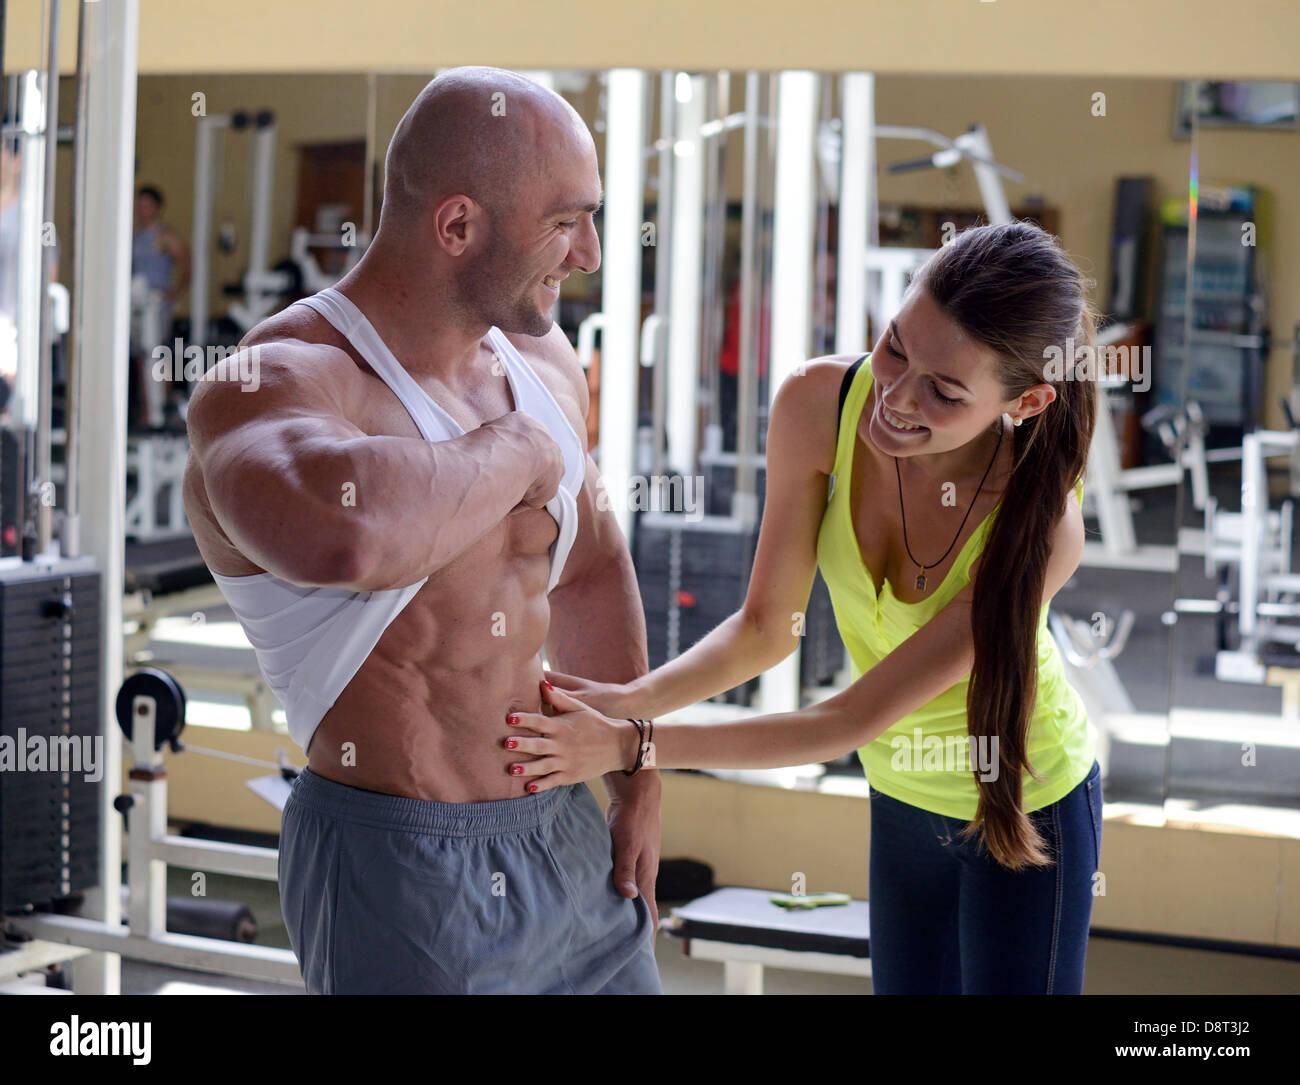 La donna controlla i muscoli addominali atleta Immagini Stock